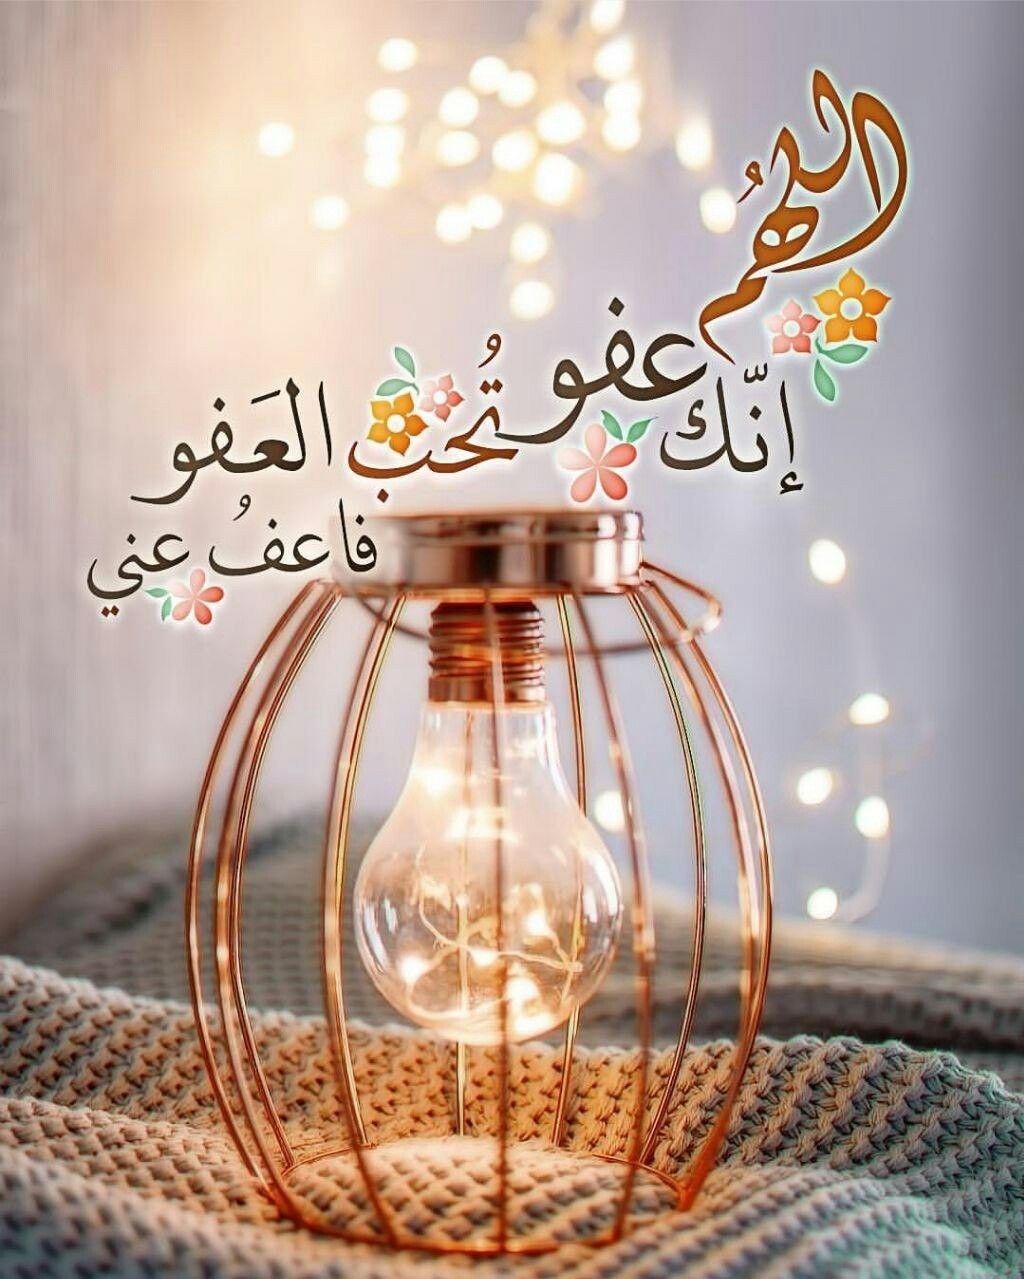 اللهم إنك عفو تحب العفو فأعف عني Islamic Ramadan Islam